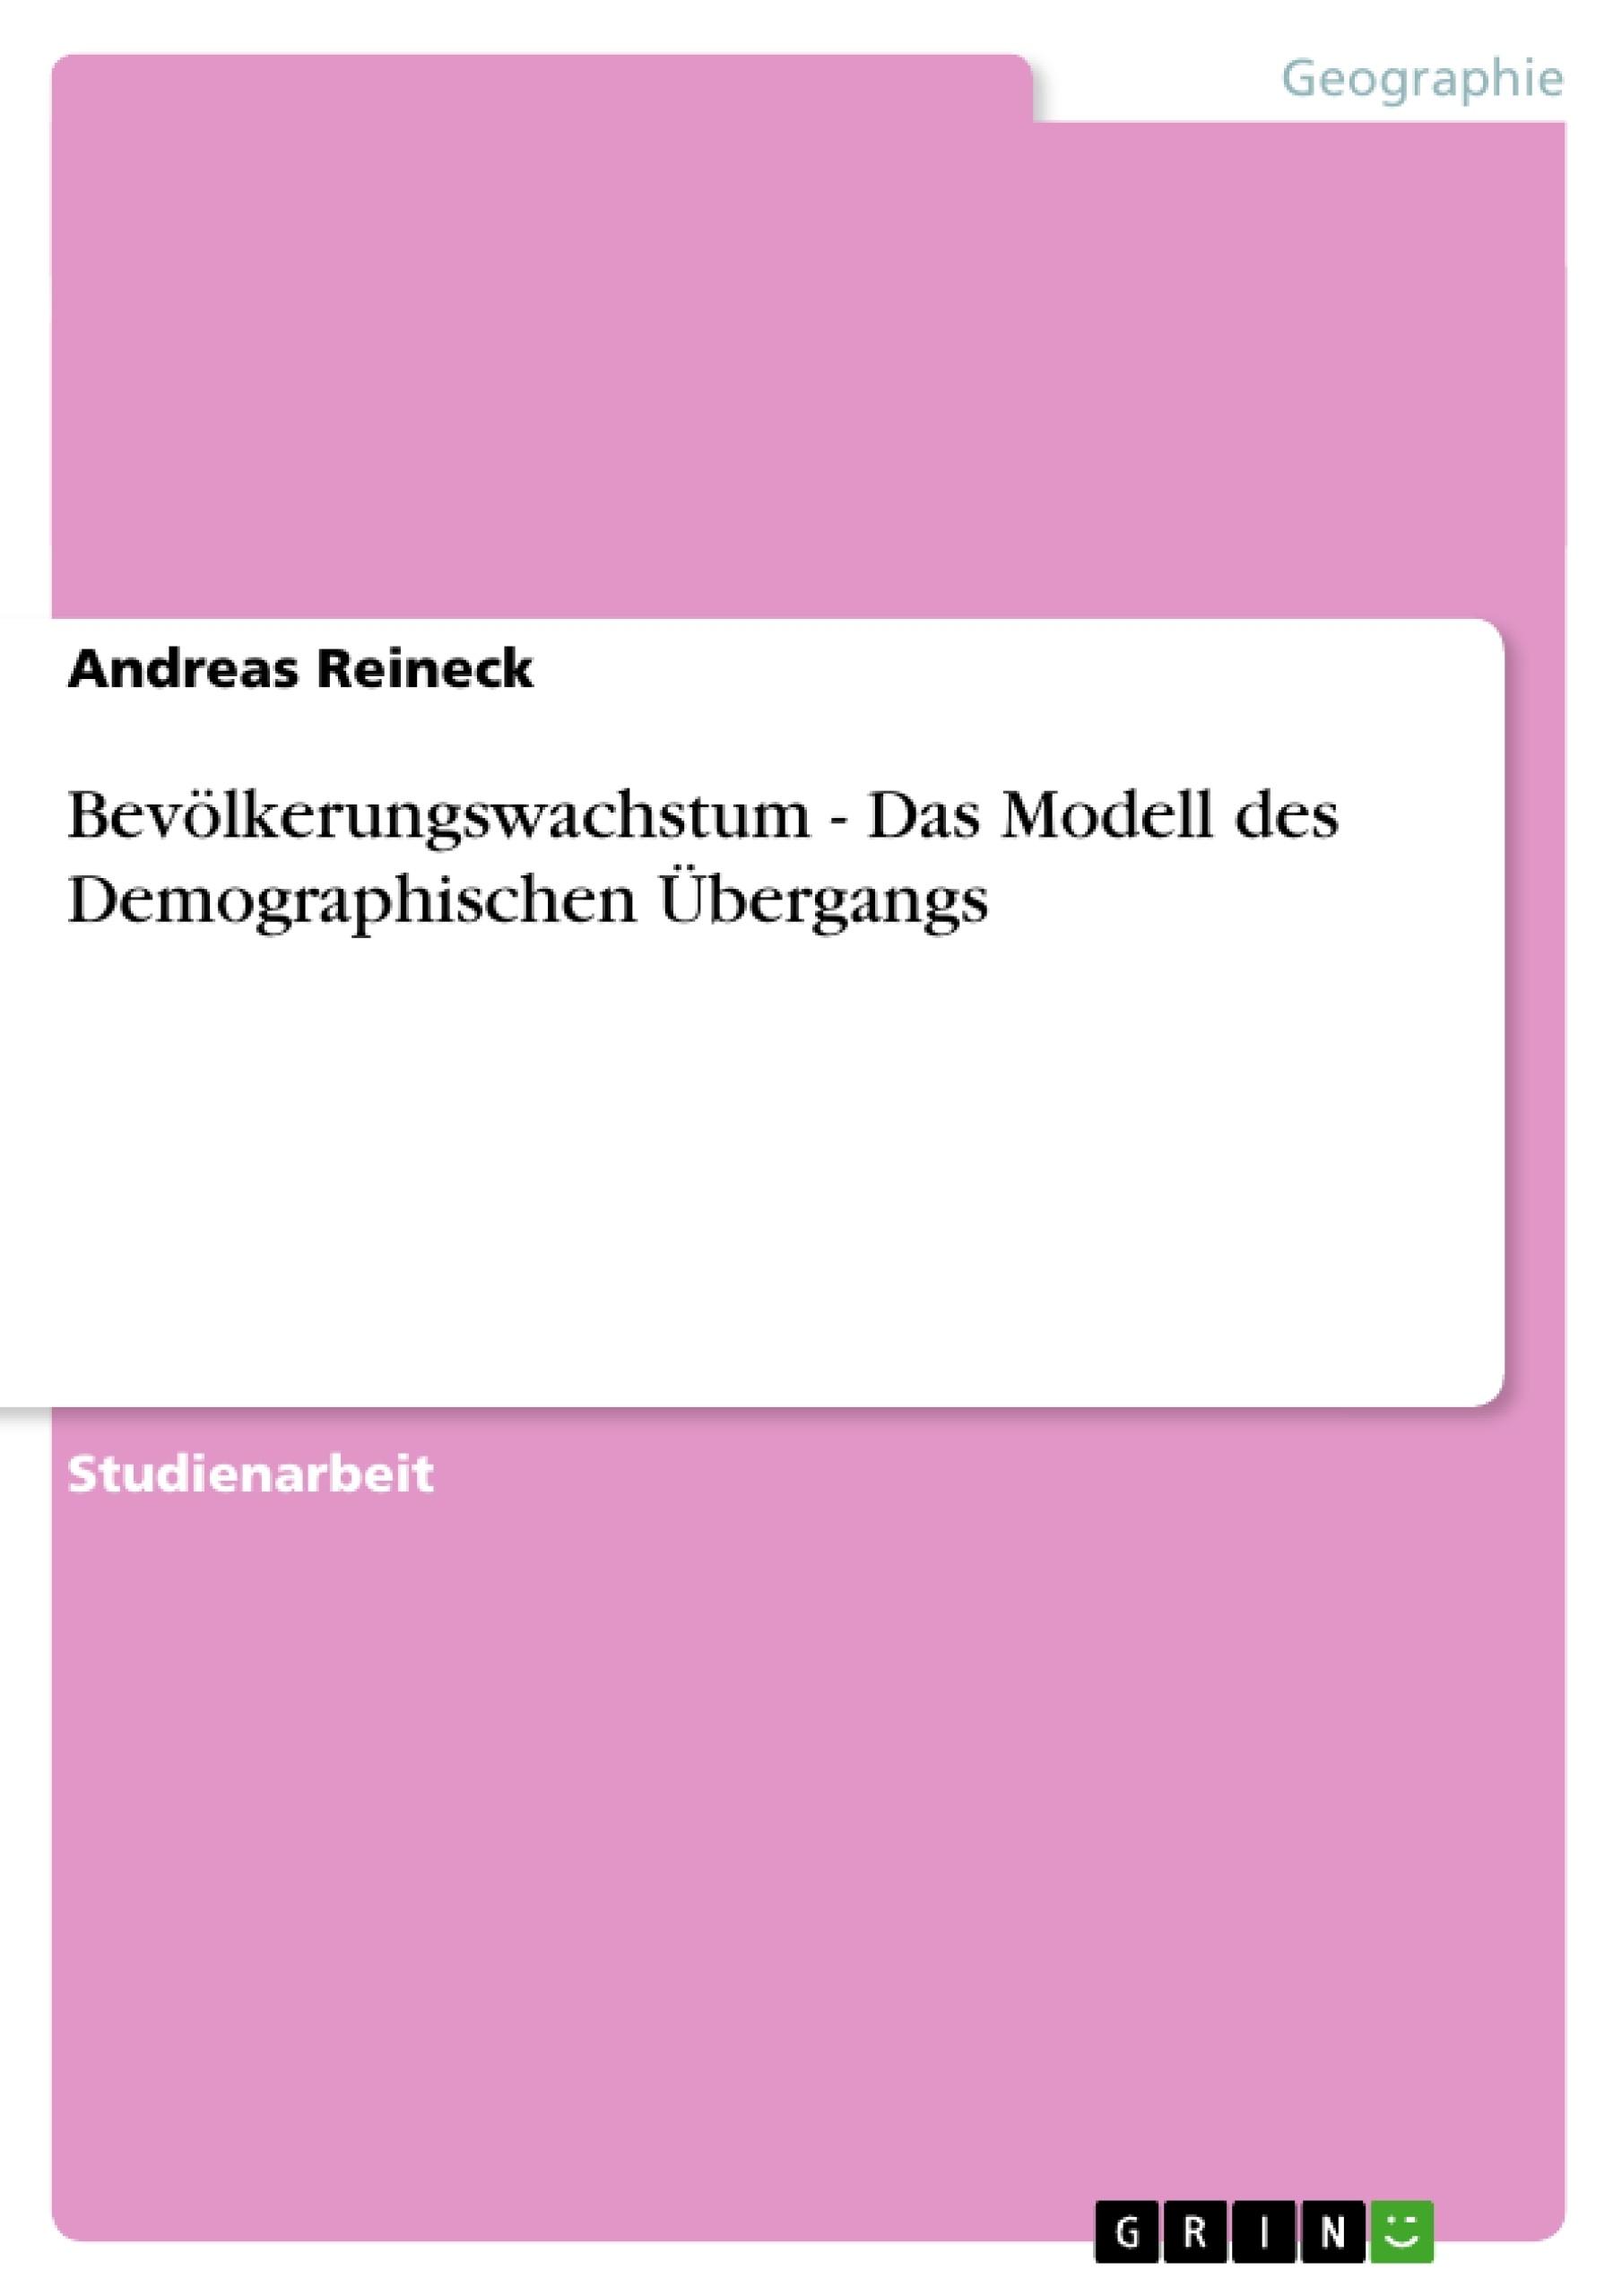 Titel: Bevölkerungswachstum - Das Modell des Demographischen Übergangs